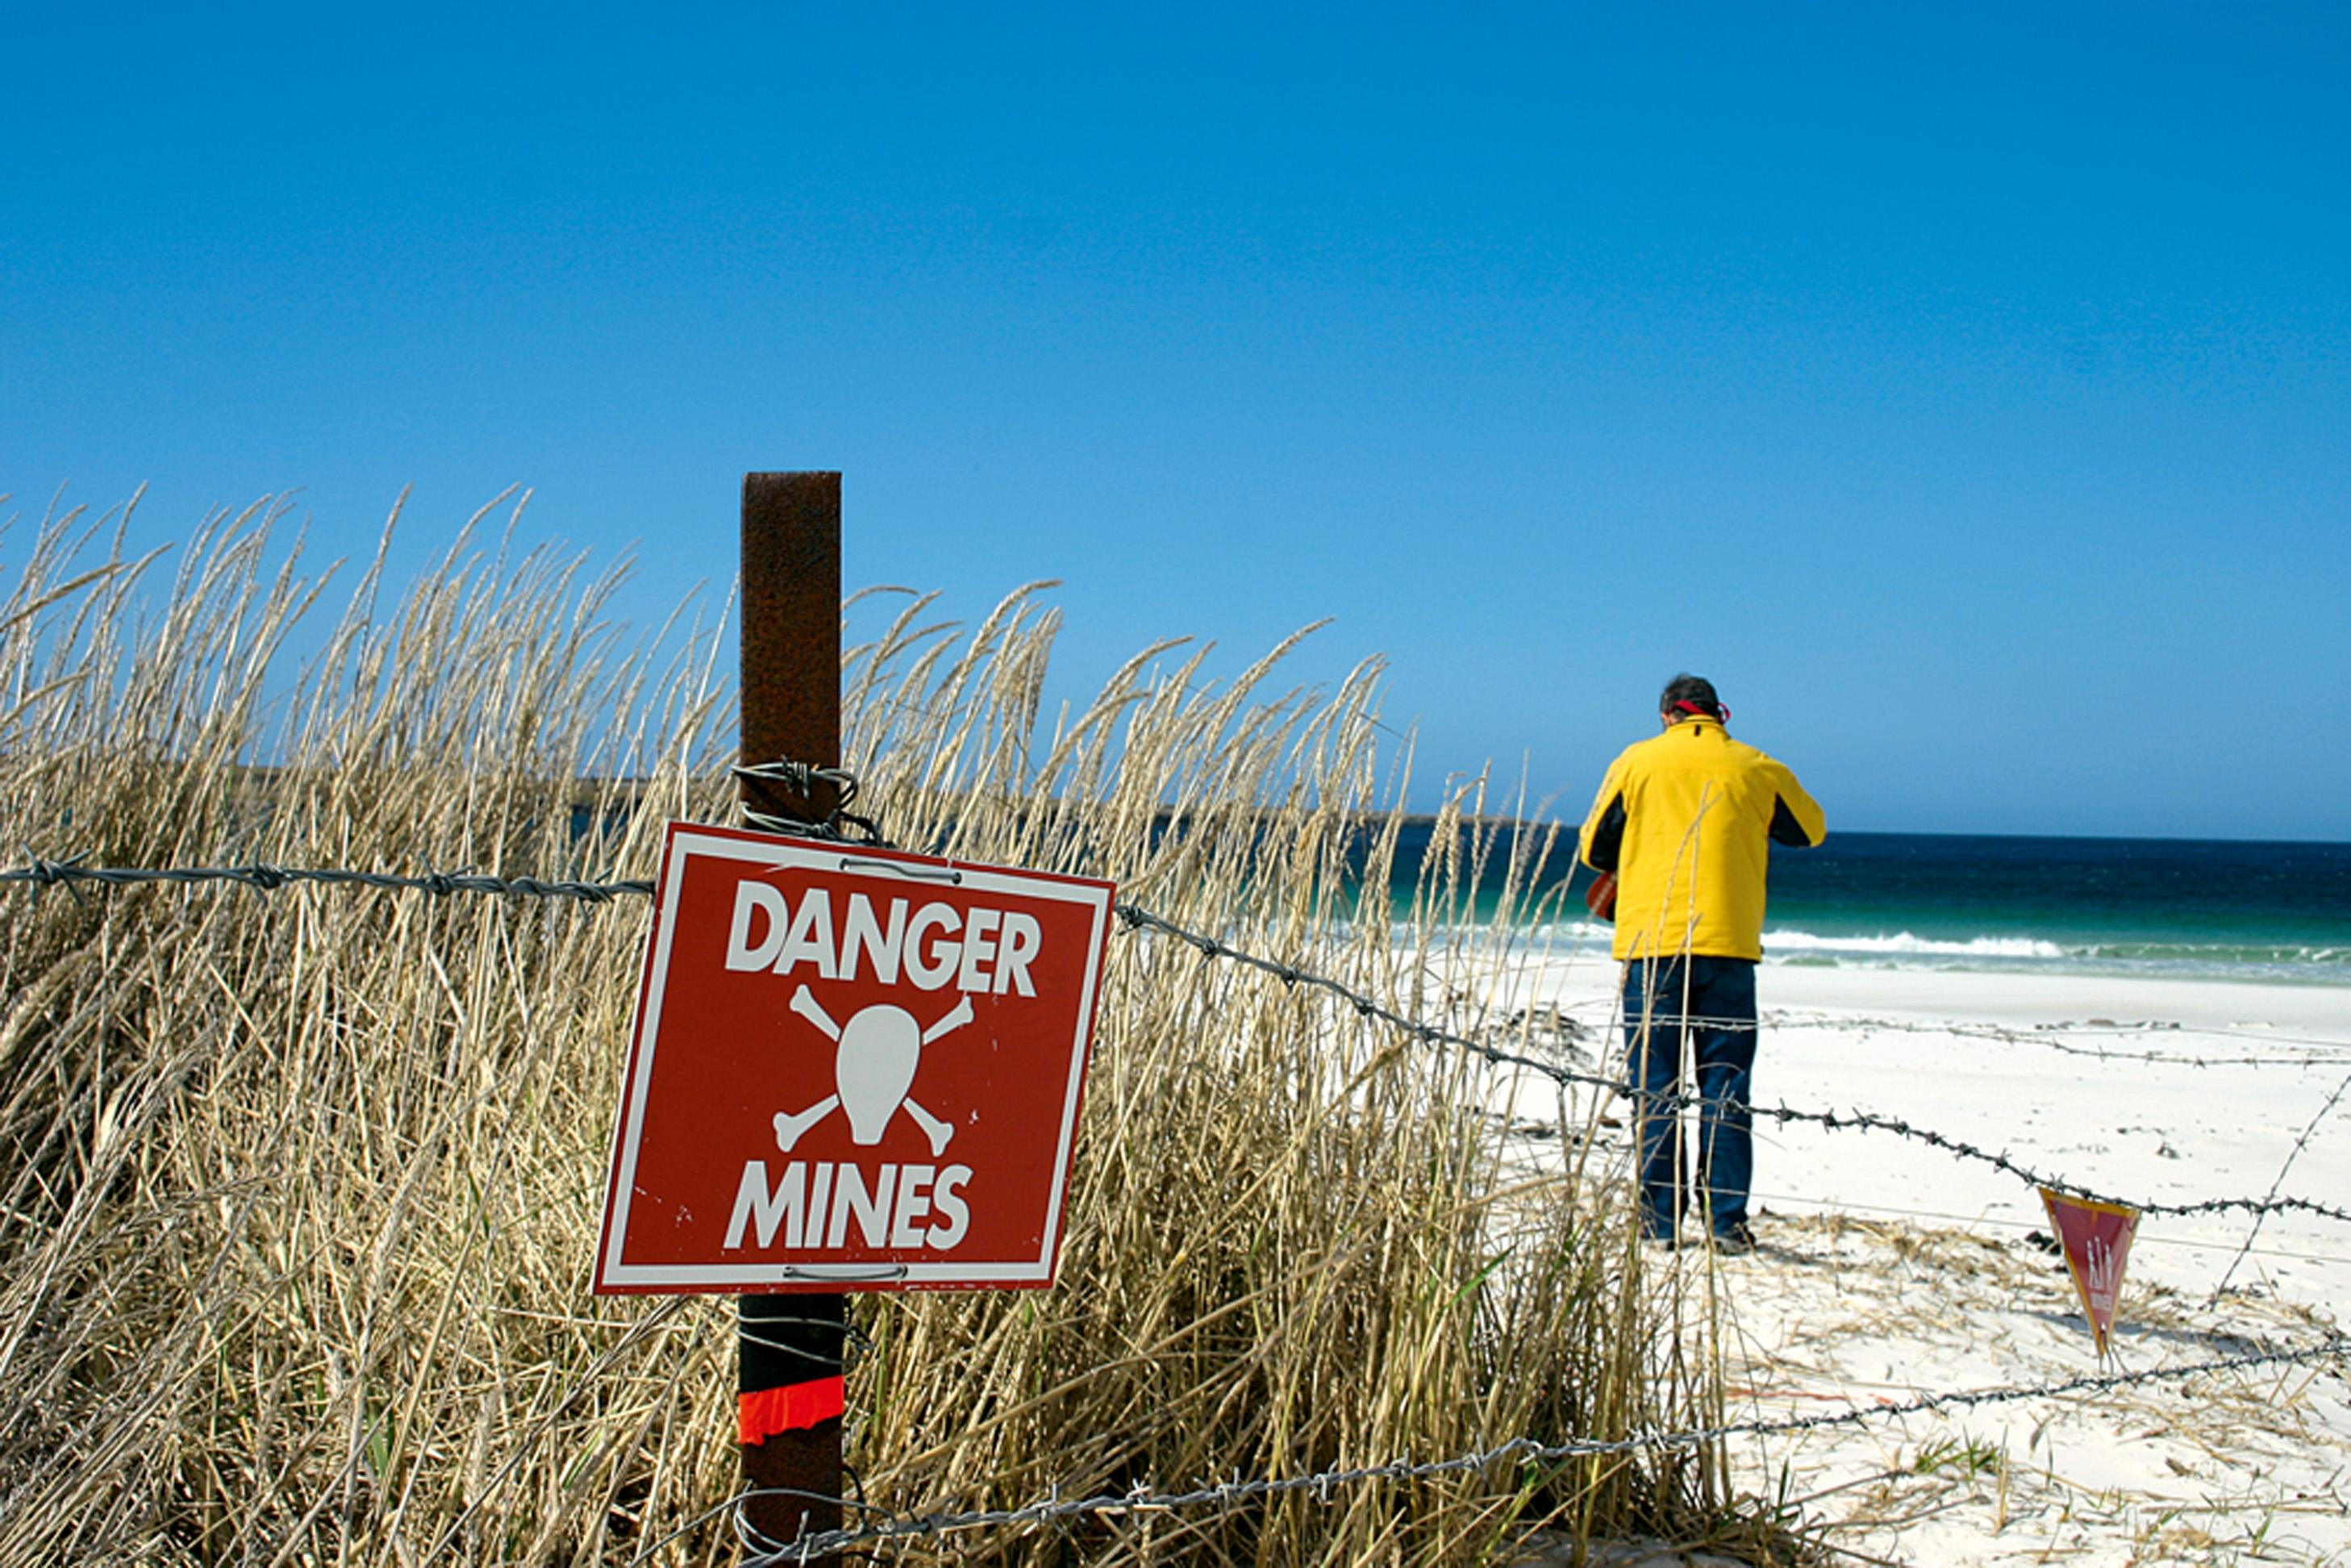 PRAIA PROIBIDA : Assim é conhecida essa faixa de areia nas ilhas Malvinas (Falkland, para os ingleses). O governo local não se responsabiliza pela segurança de quem resolve andar por ali, onde pode haver minas terrestres remanescentes da guerra de 1982. Mesmo assim, alguns arriscam a sorte.